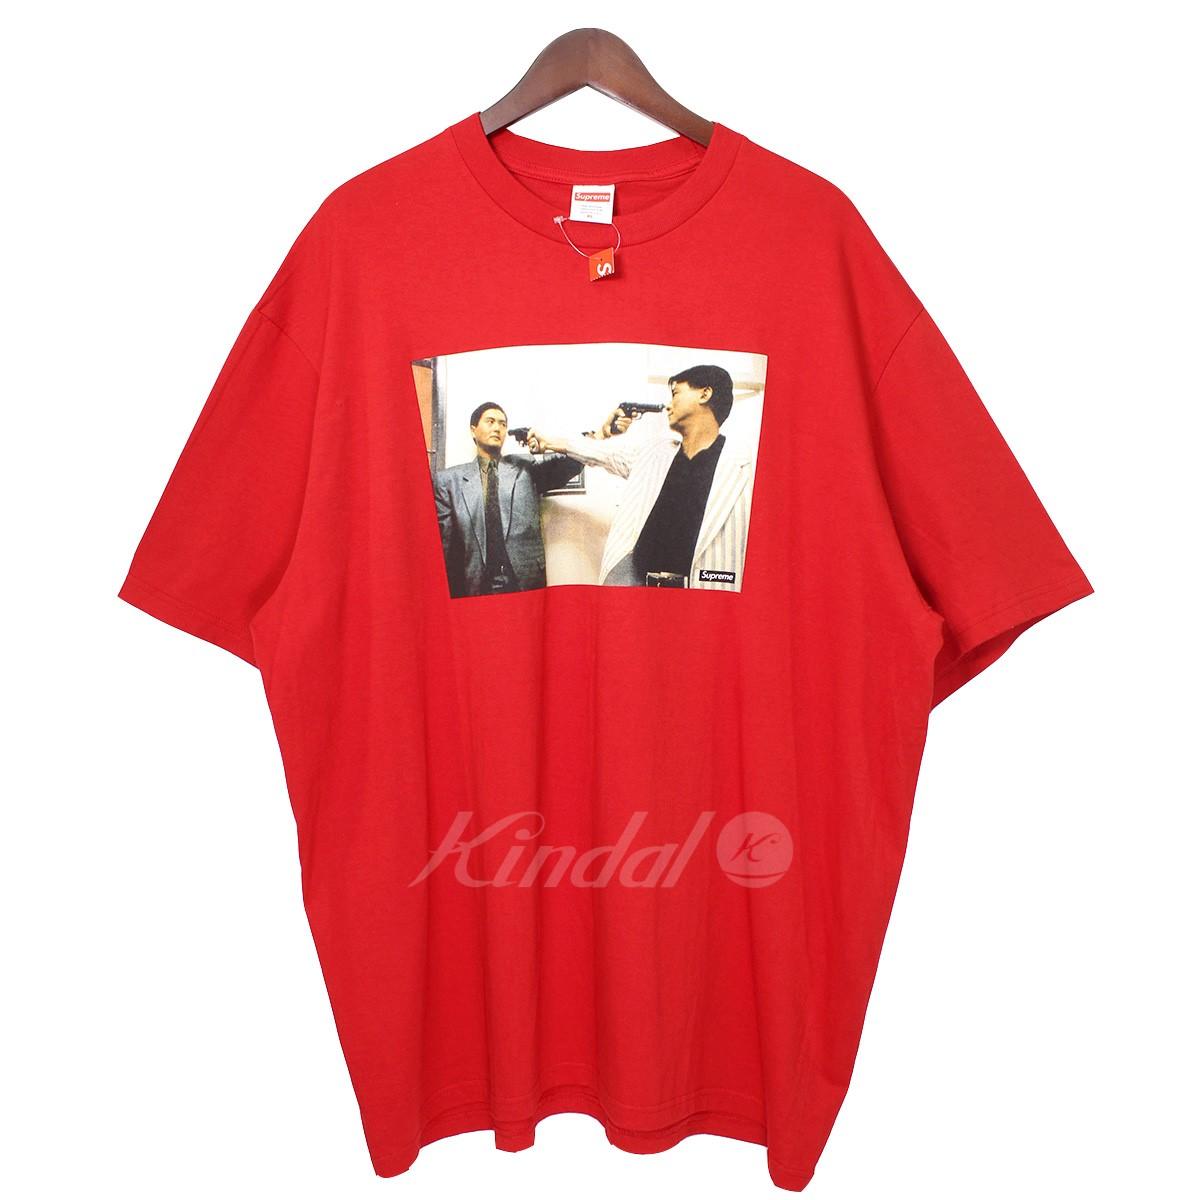 【中古】SUPREME 18AW The Killer Trust Tee ザキラートラストTシャツ レッド サイズ:XL 【送料無料】 【151118】(シュプリーム)